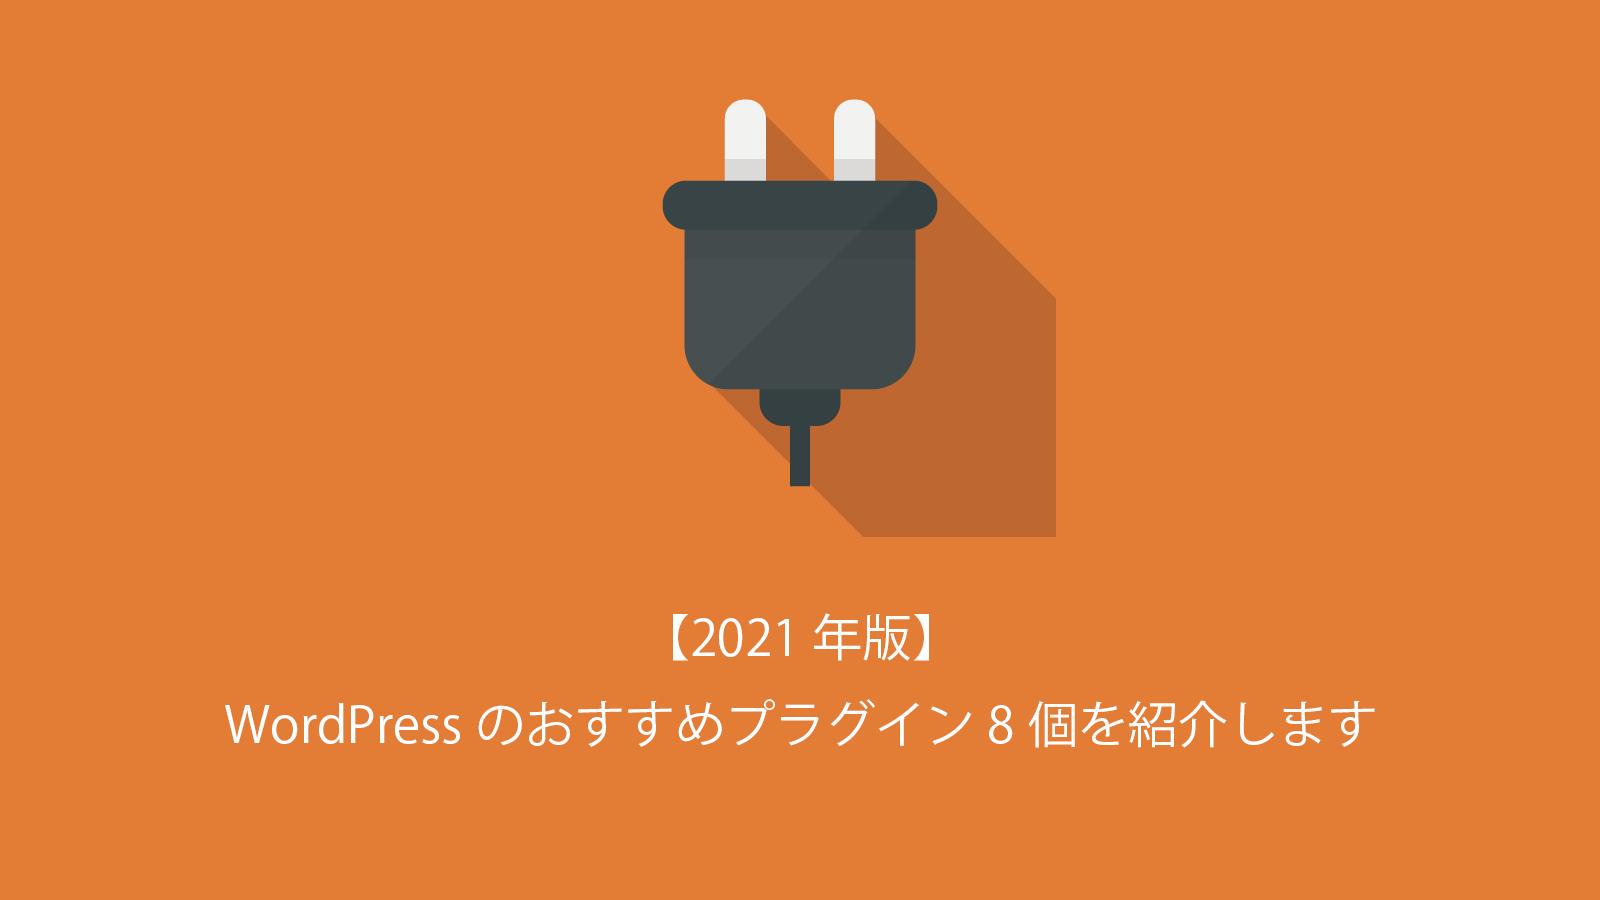 【2021年版】WordPressのおすすめプラグイン8個を紹介します